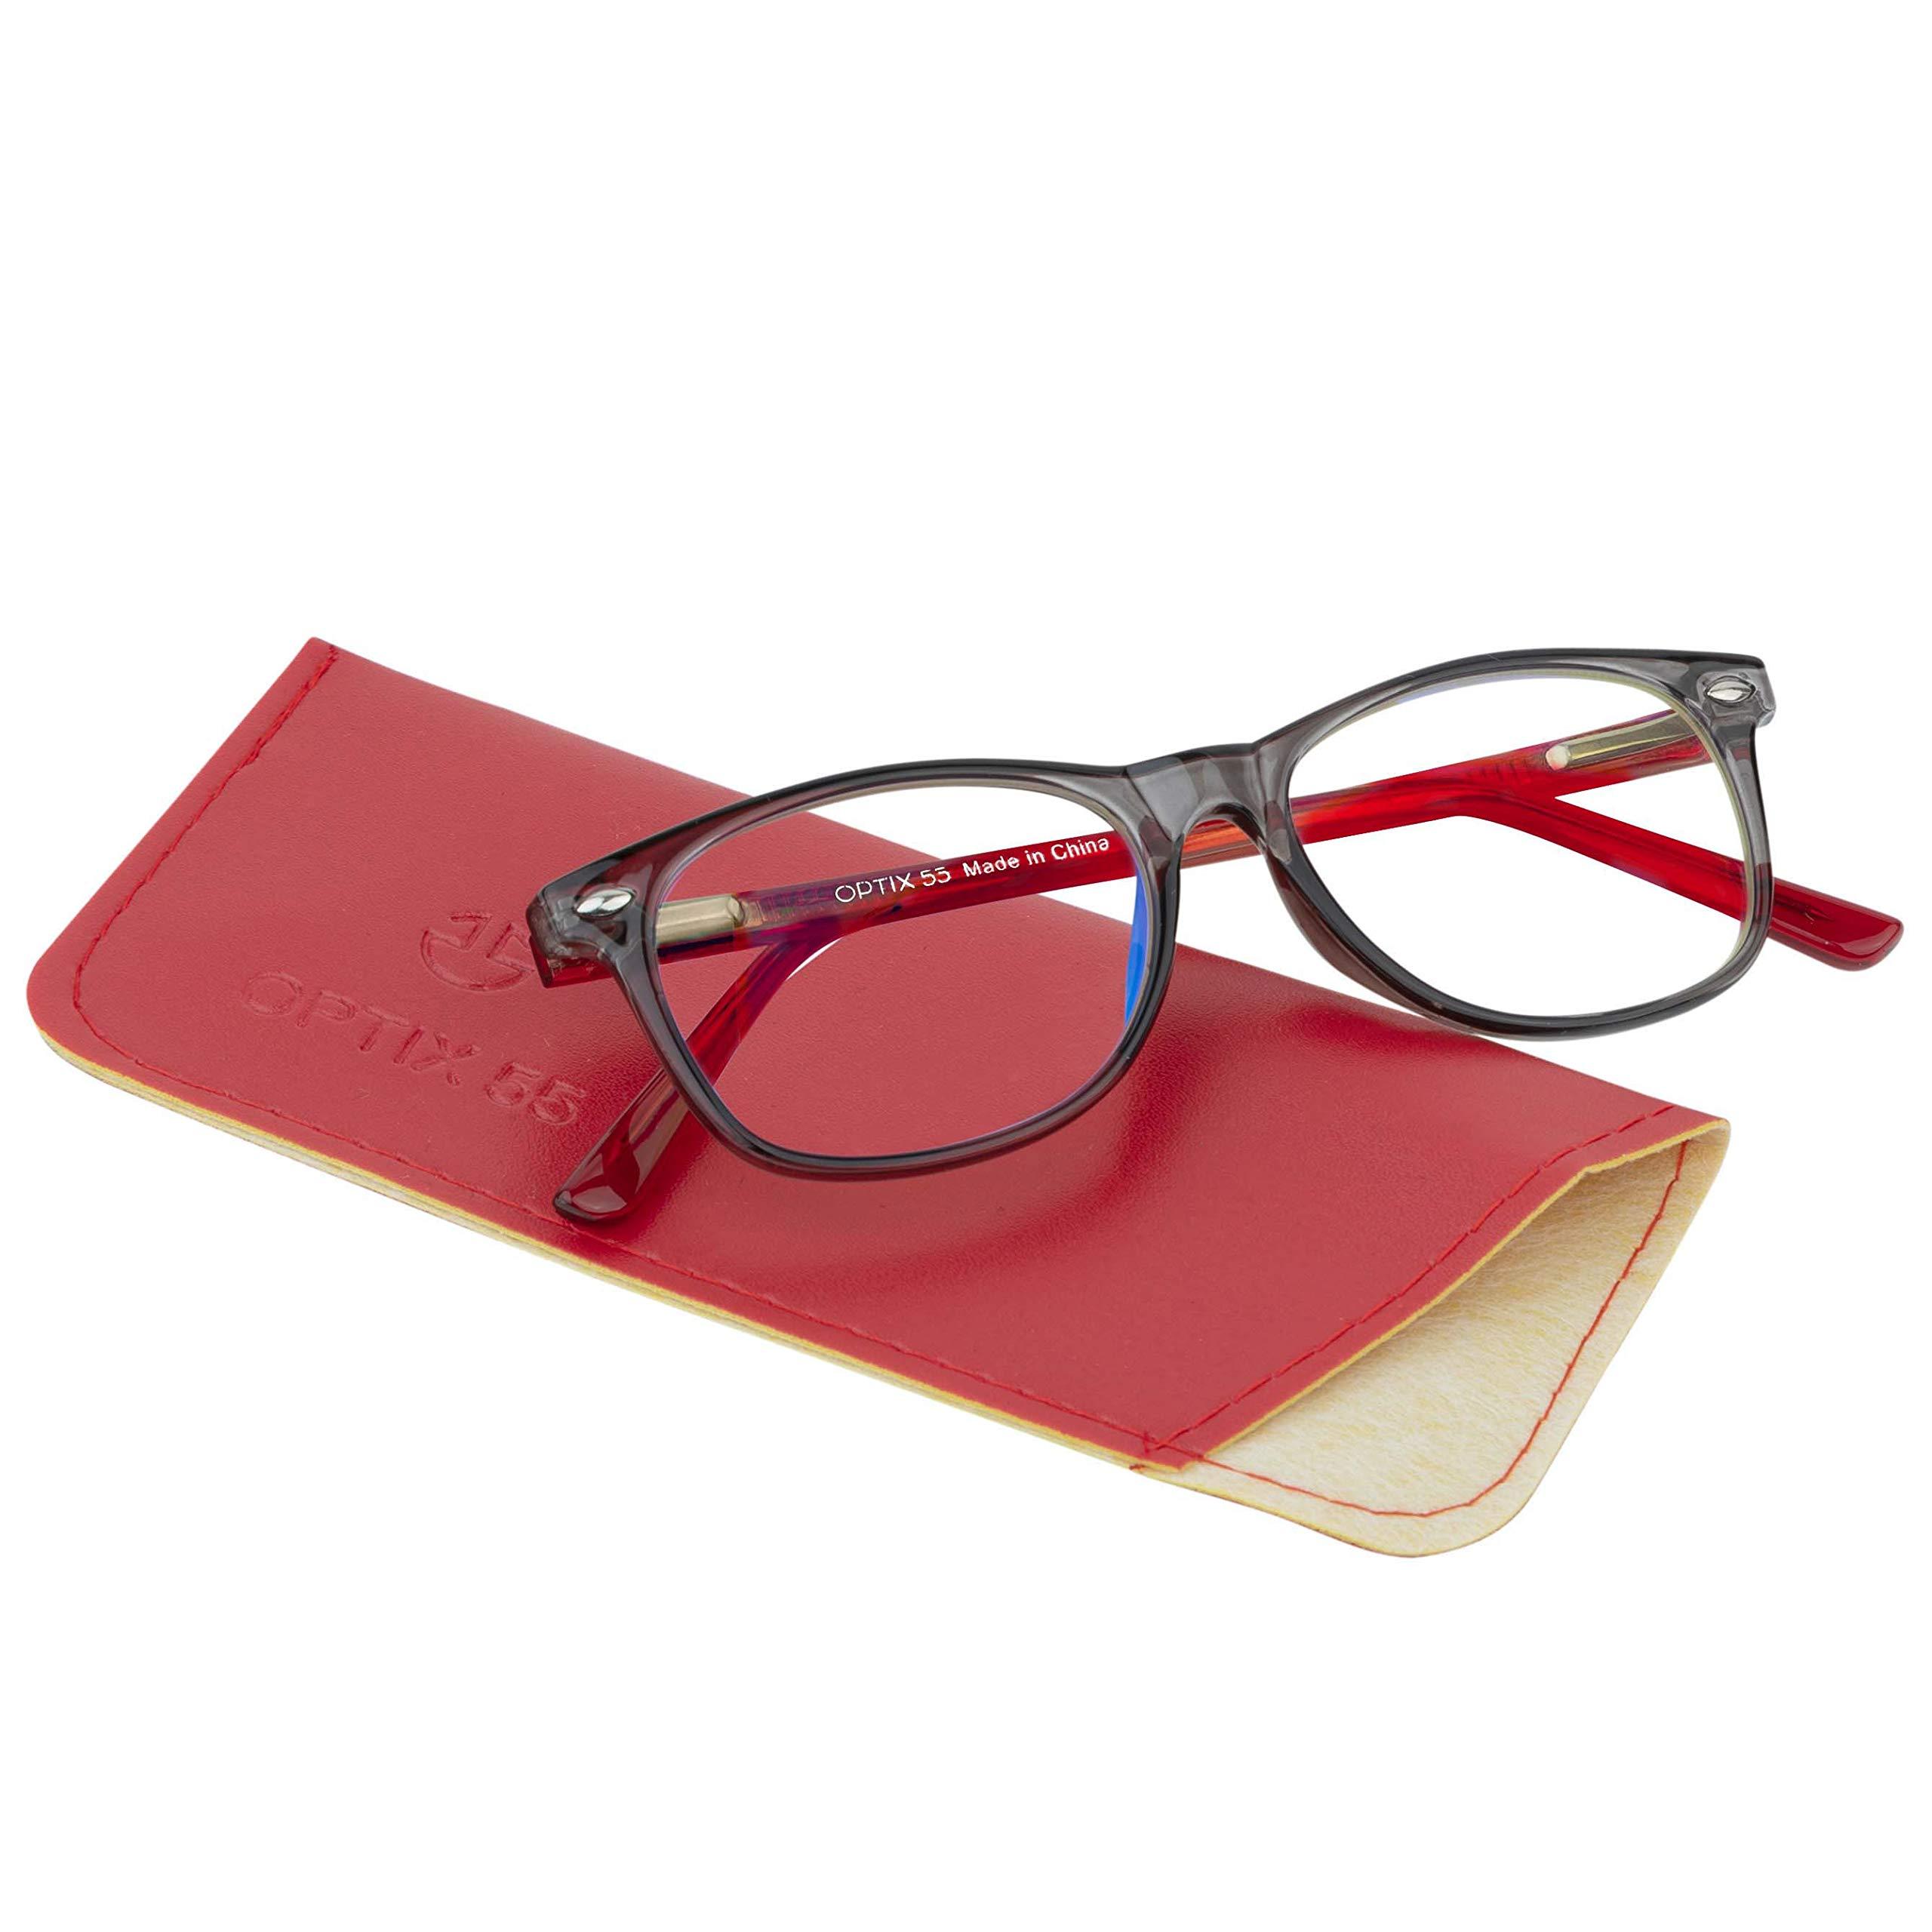 儿童蓝色防光眼镜  防*儿童电脑眼镜 – 电脑视频游戏,智能手机屏幕男女通用眼镜(3-10 岁) 柔韧、牢固的方形眼镜。